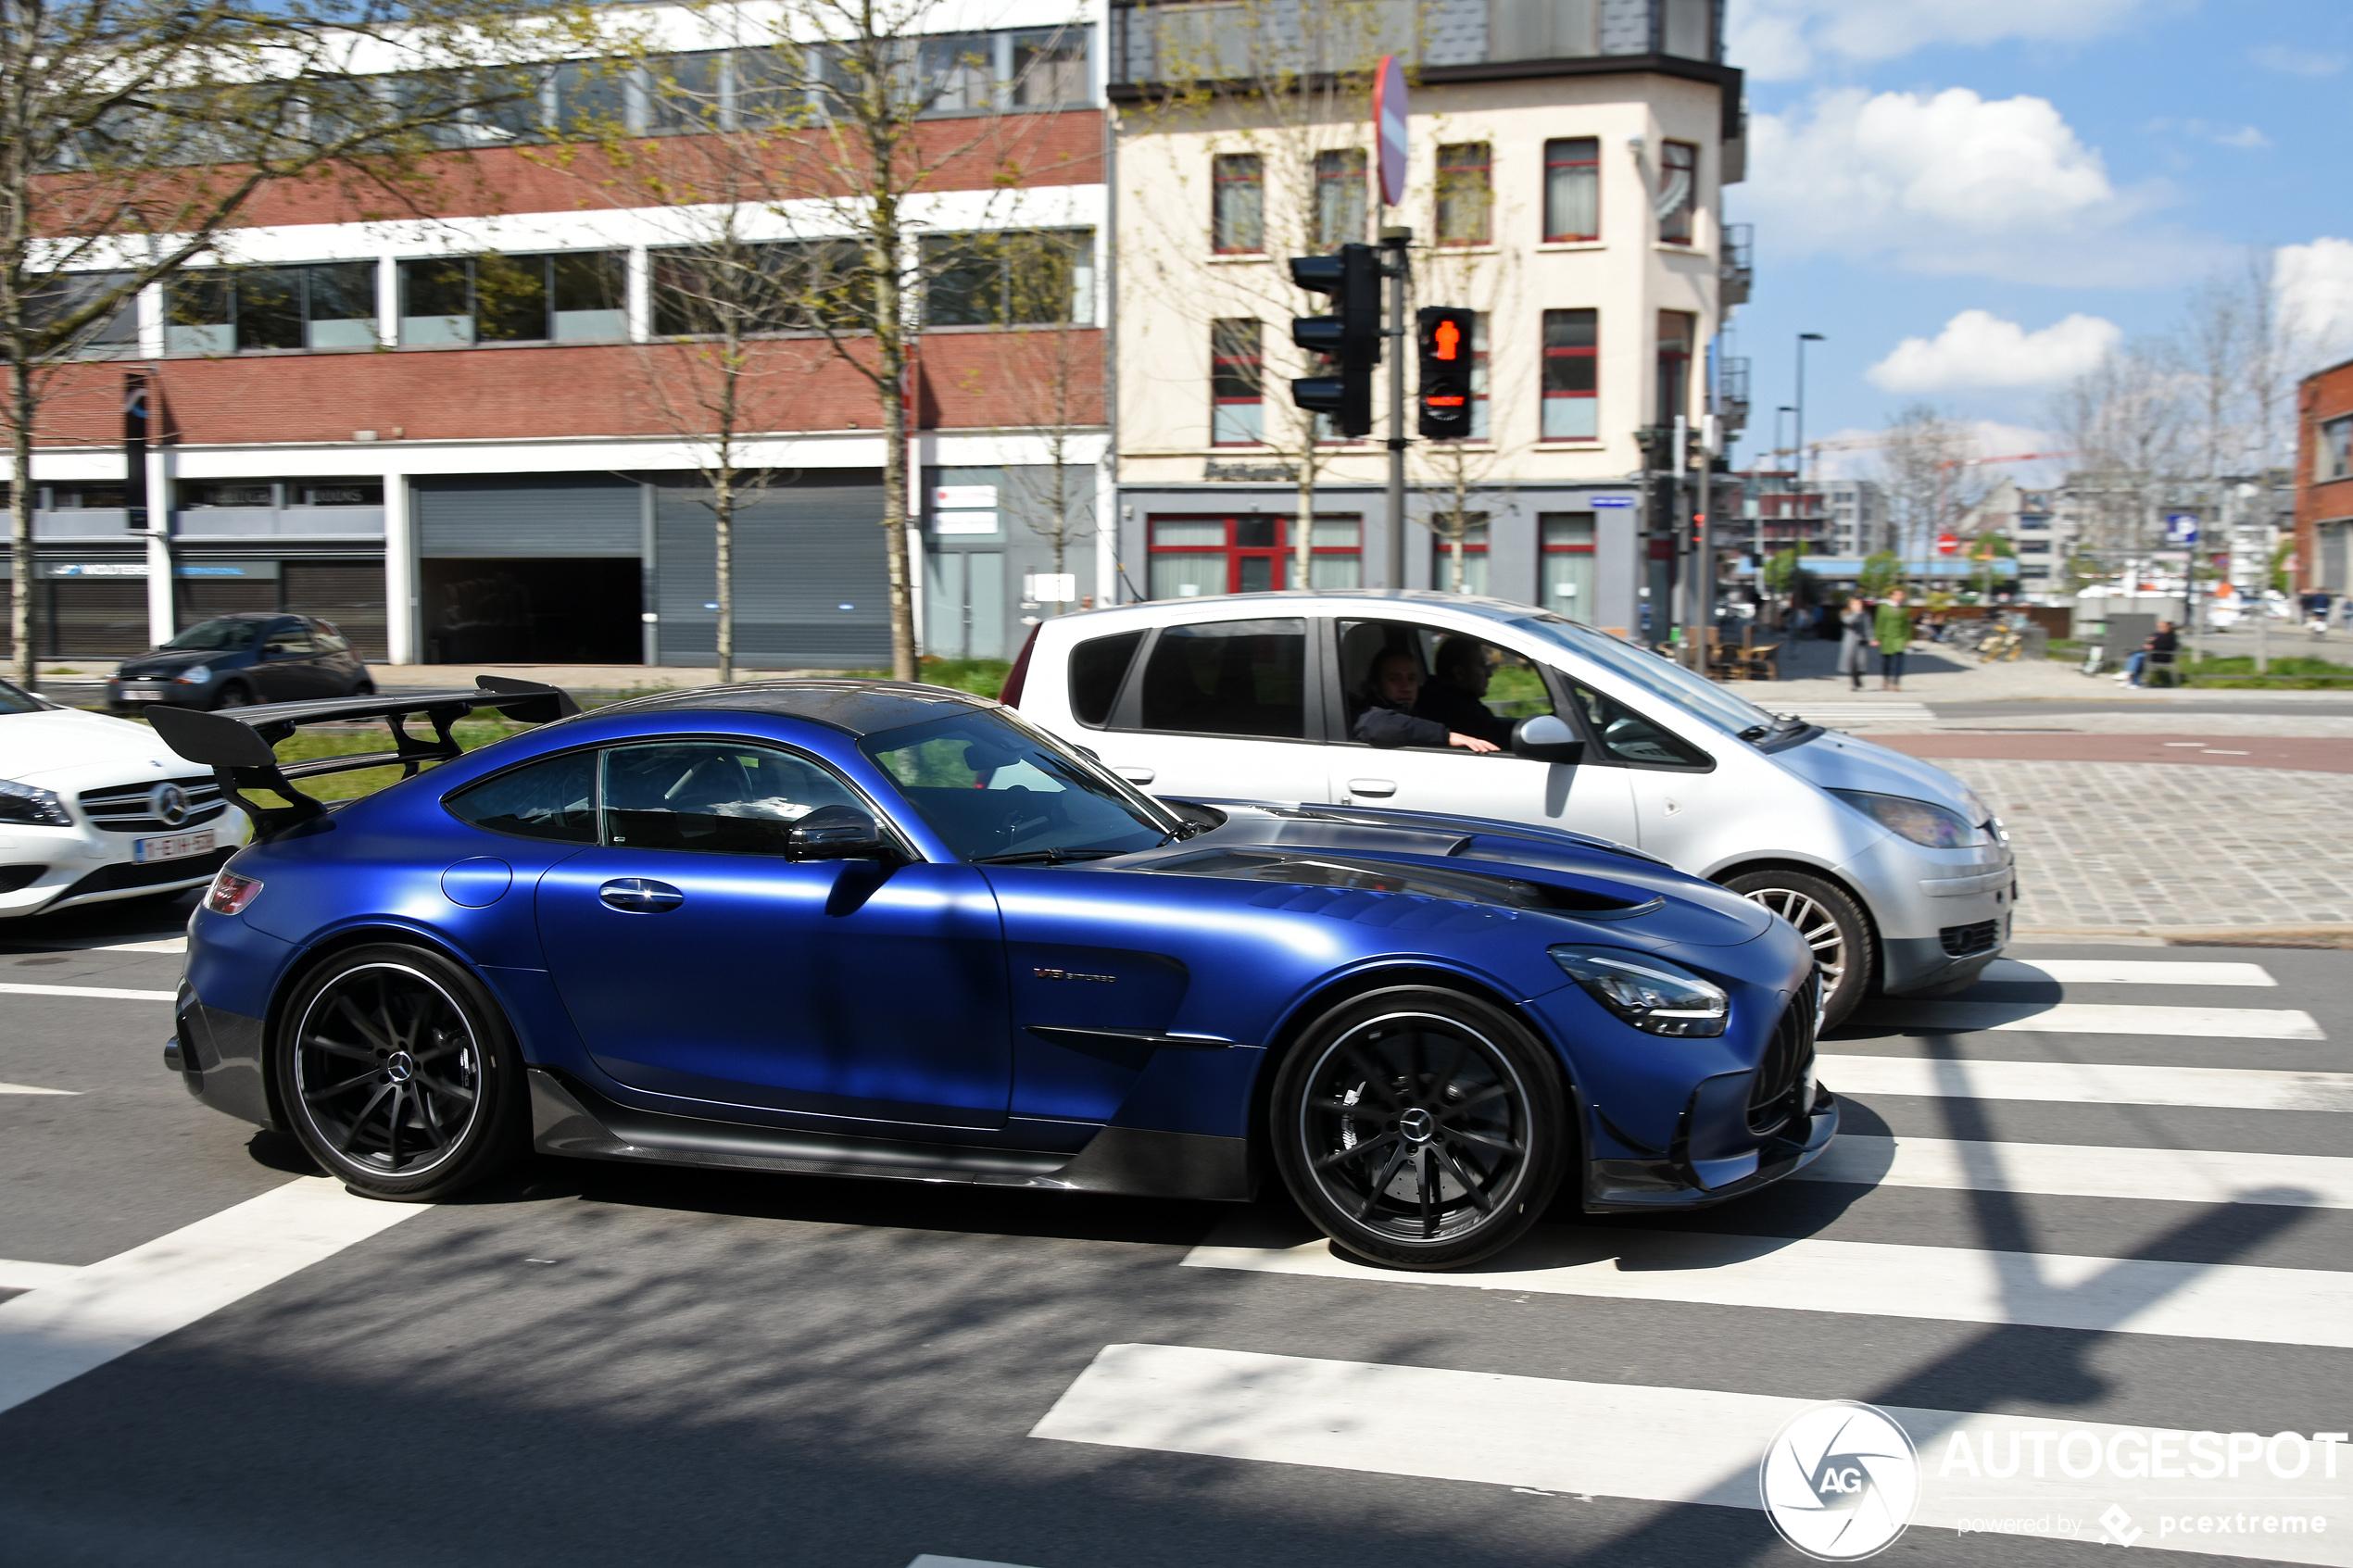 België verwelkomt eerste Mercedes-AMG GT Black Series